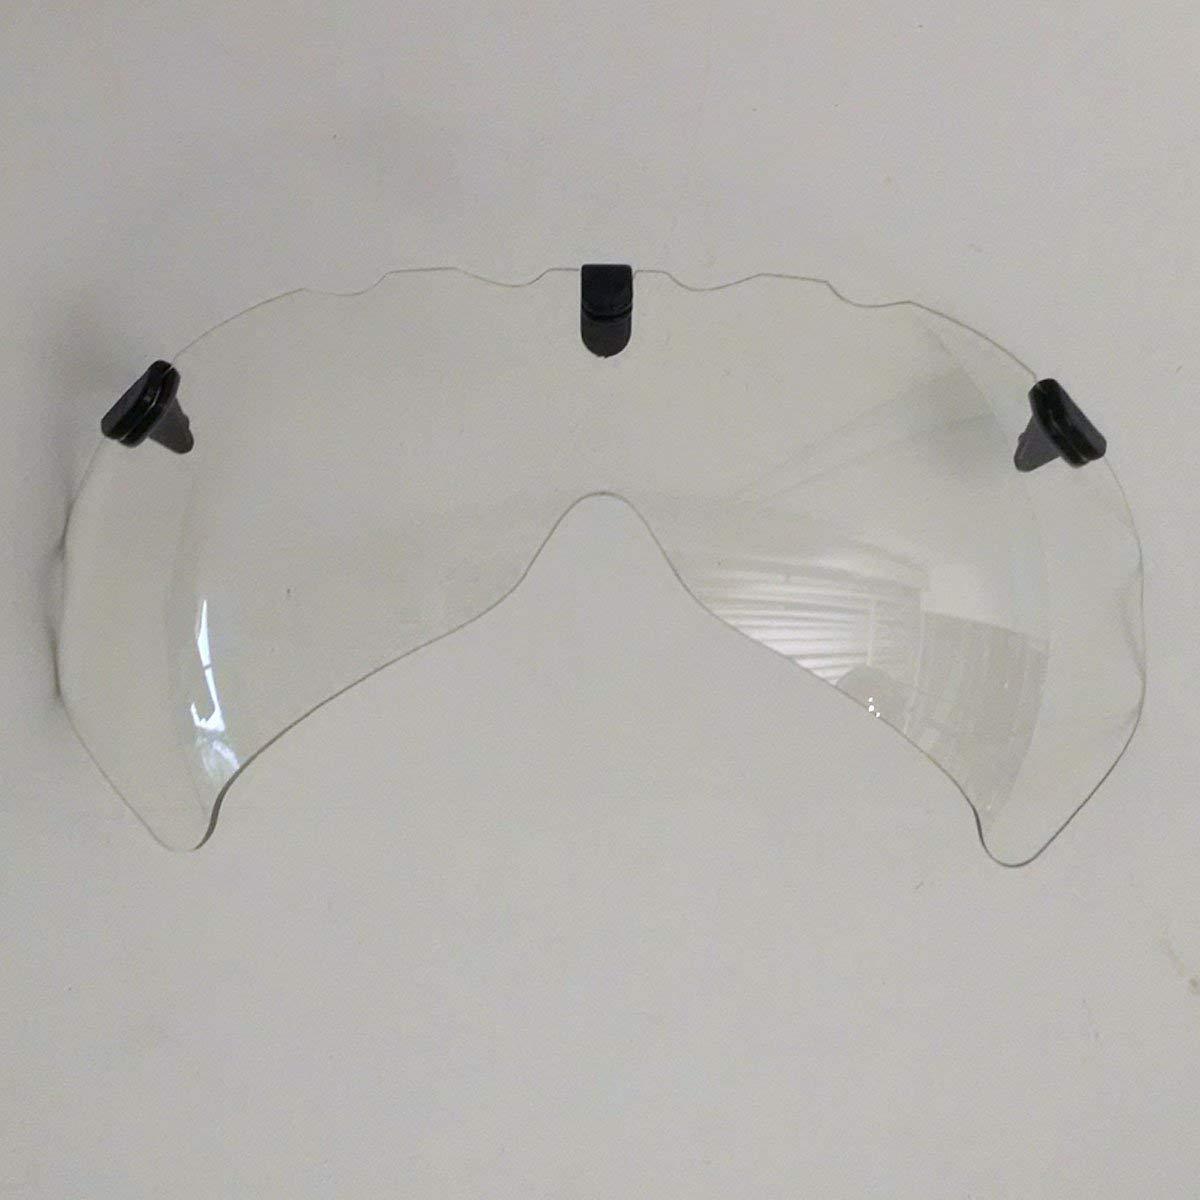 Bell Javelin Helmet Replacement Eye Shield - Clear, Medium - 2032123